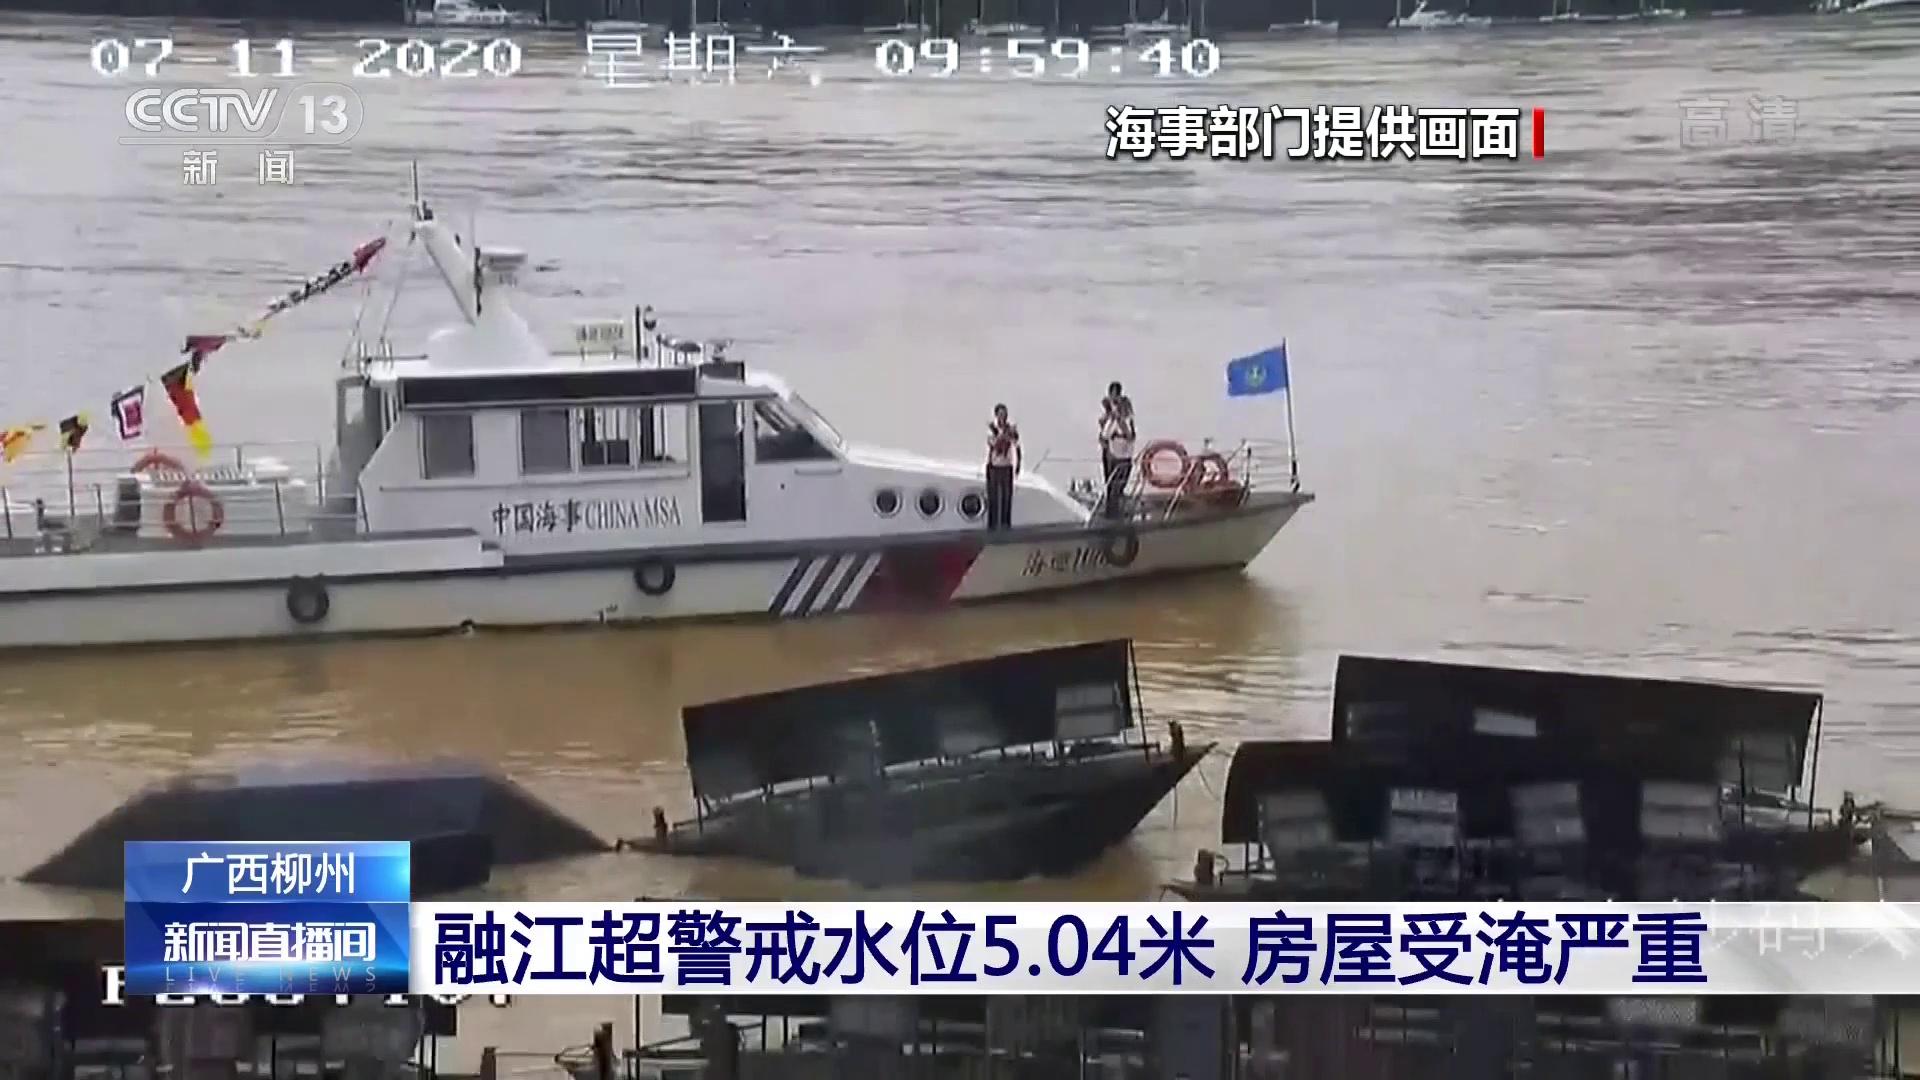 广西融水县今天水位倒灌,街道受淹严重